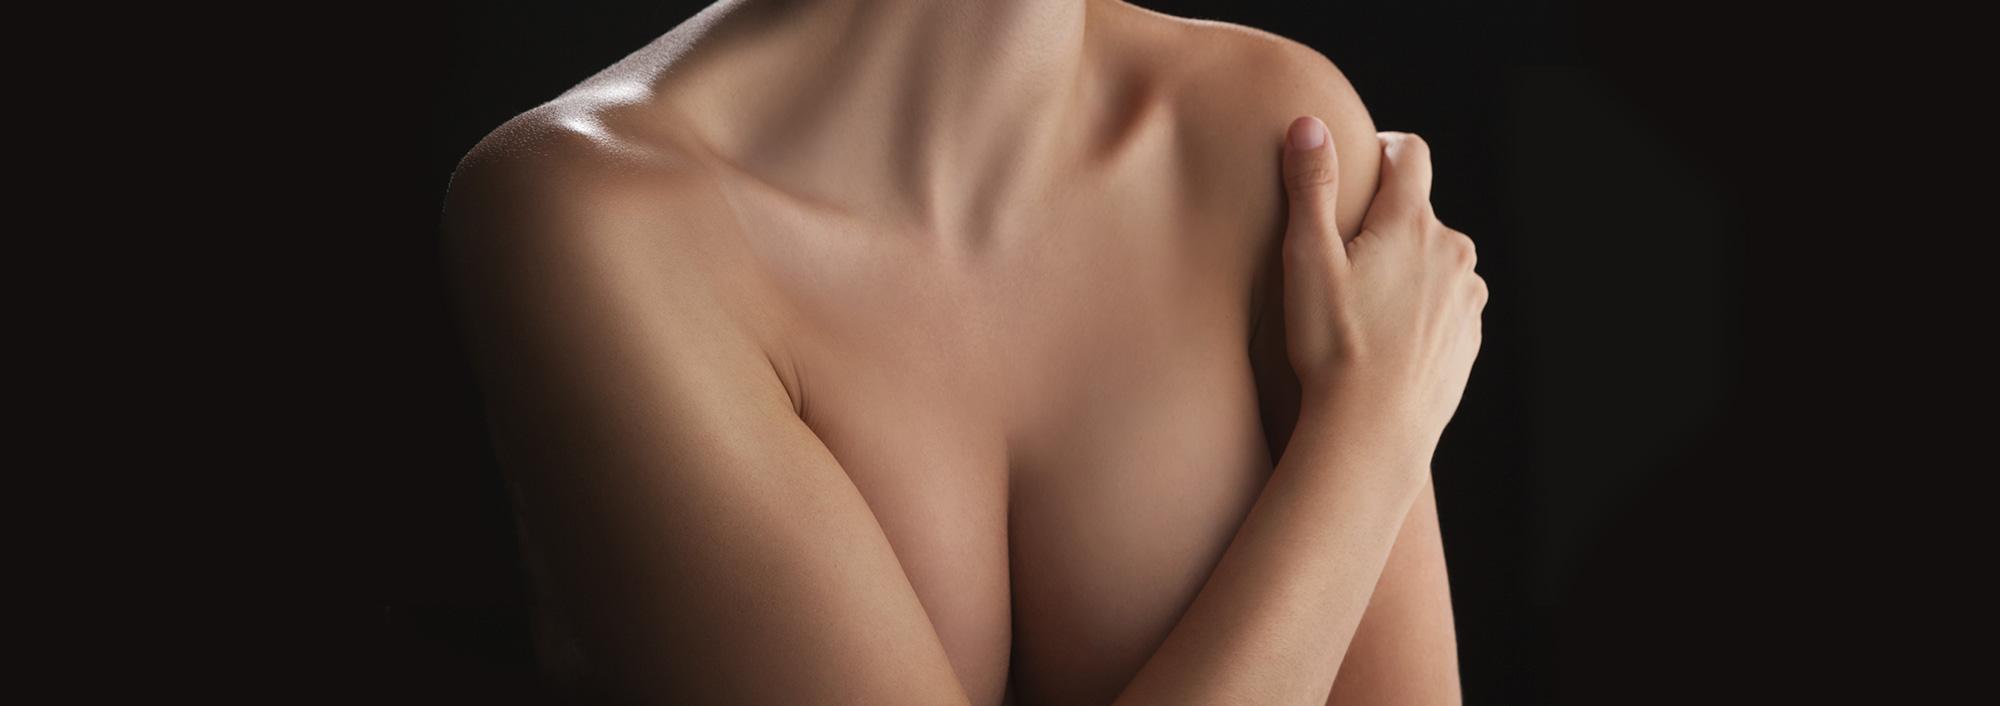 Breast enlargement delaware county